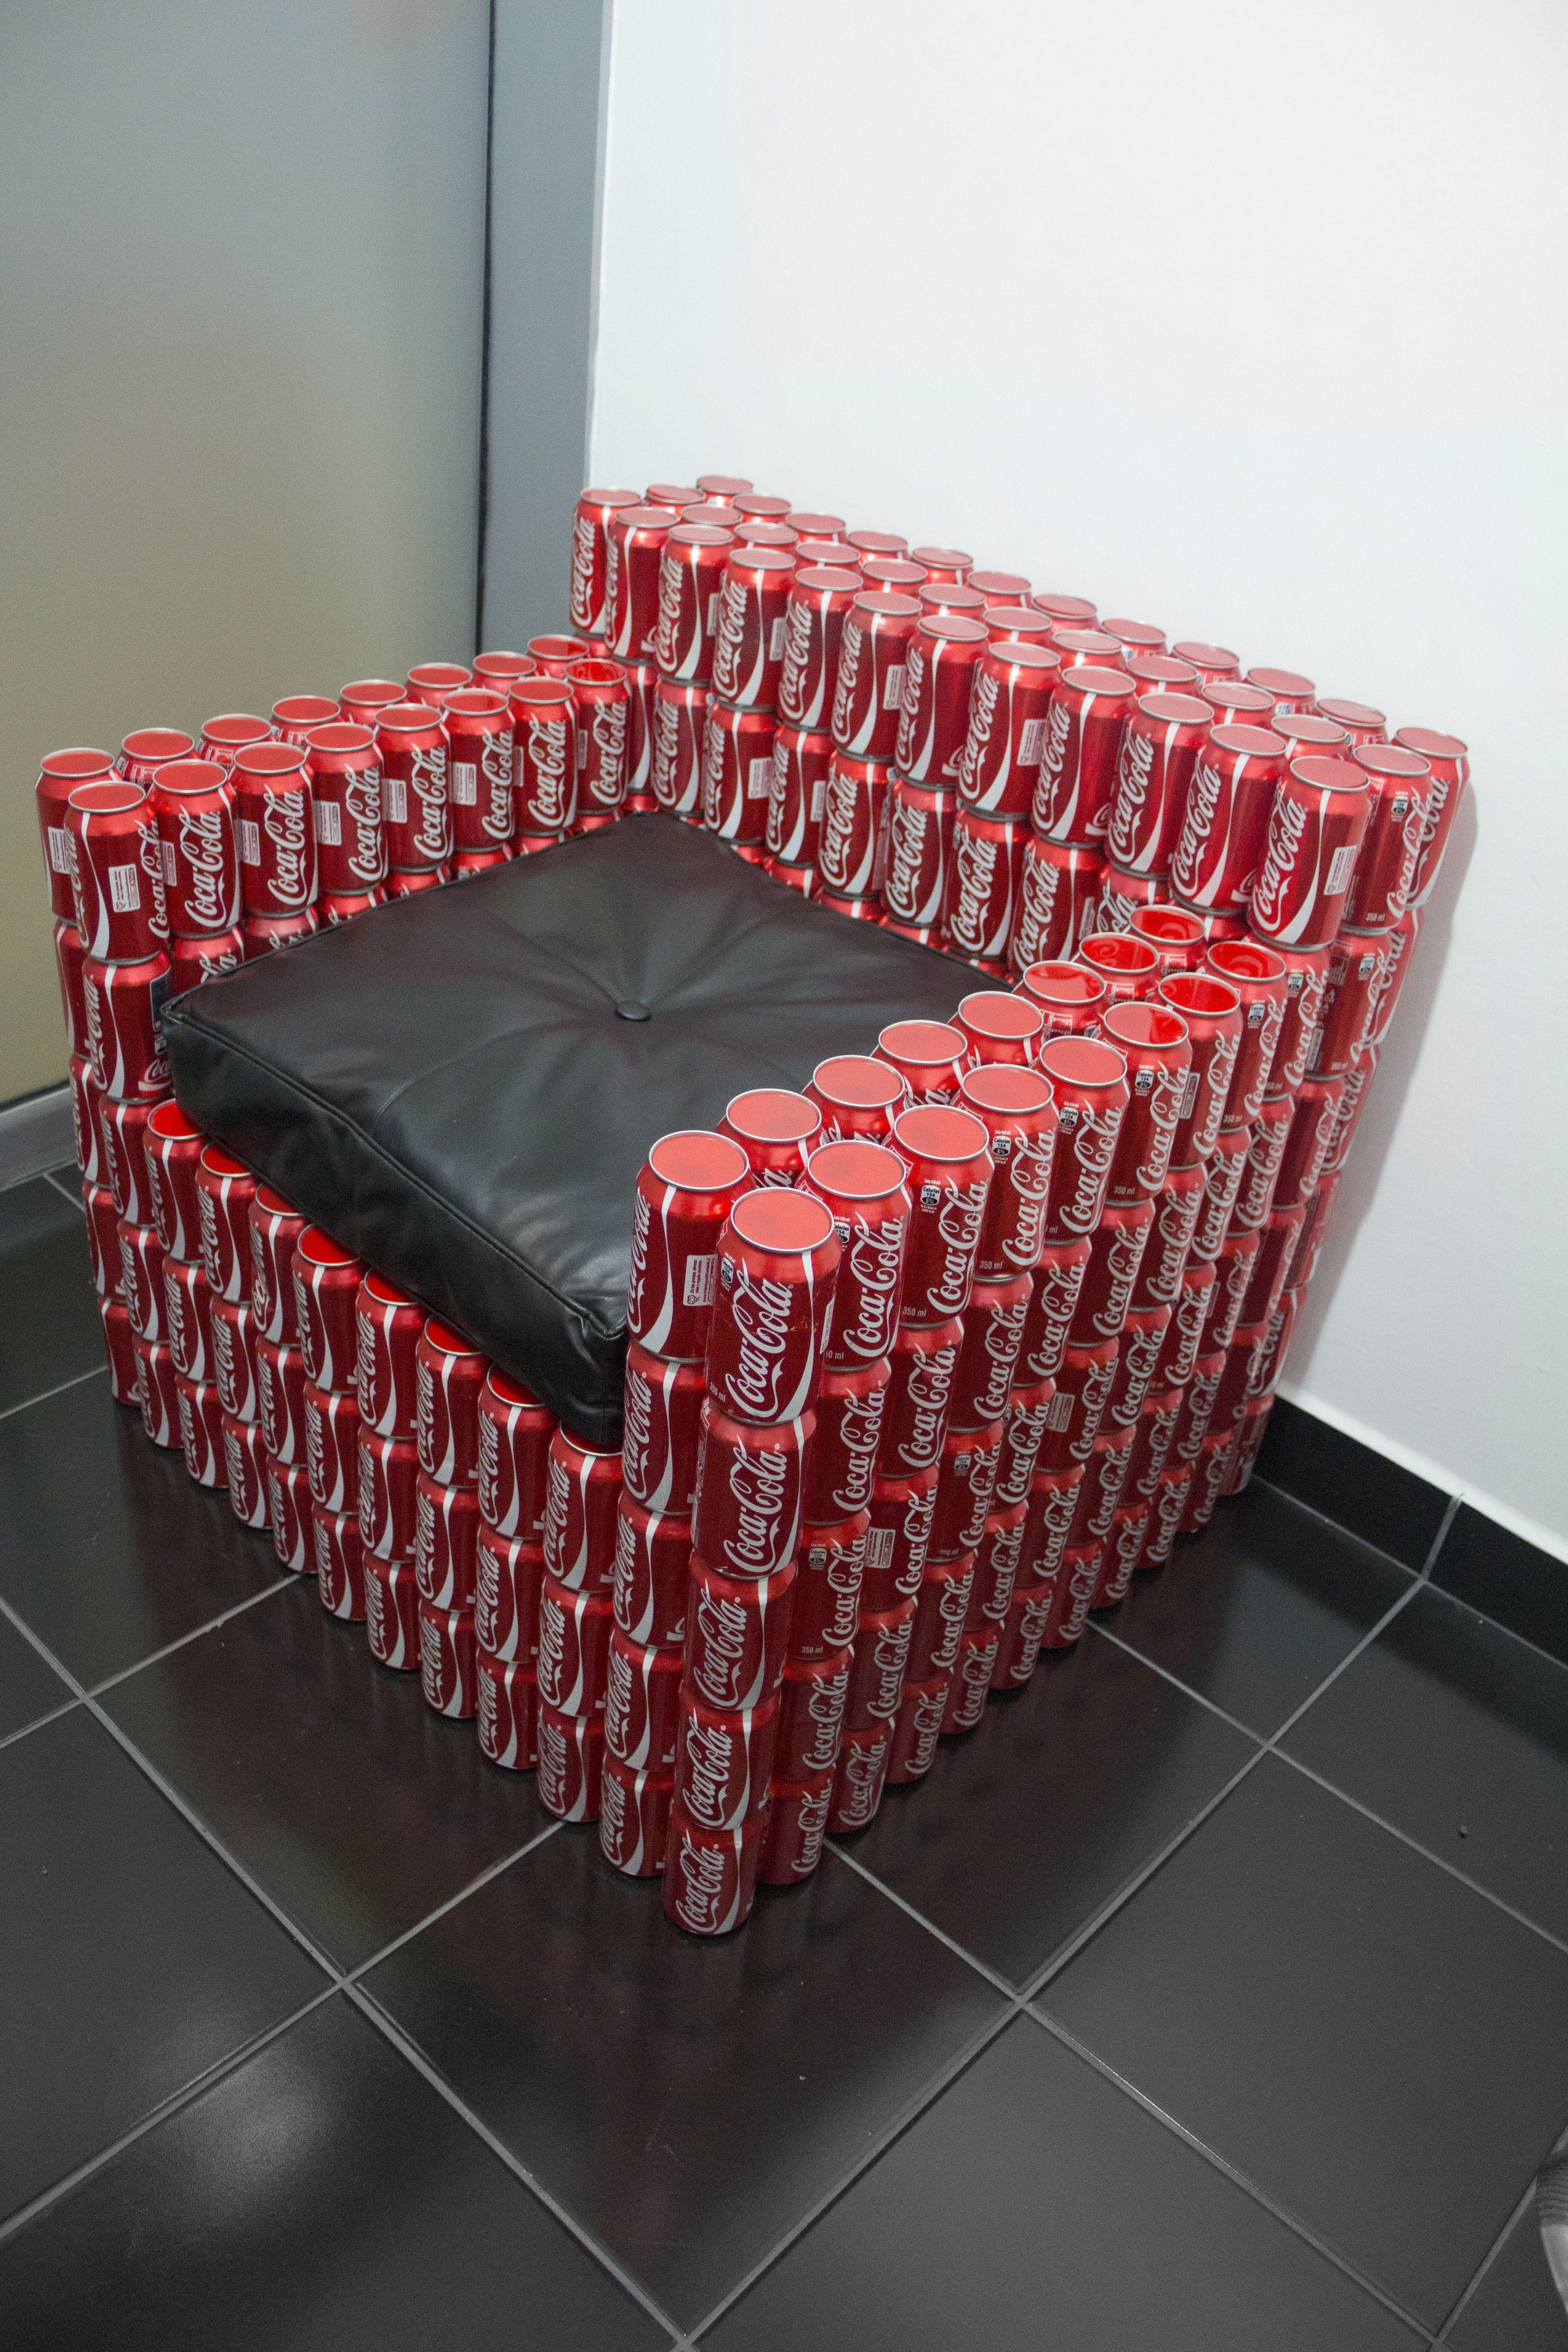 Sillón hecho con latas de Coca-cola.Mirar que bonito para las que les gusta  las manualidades